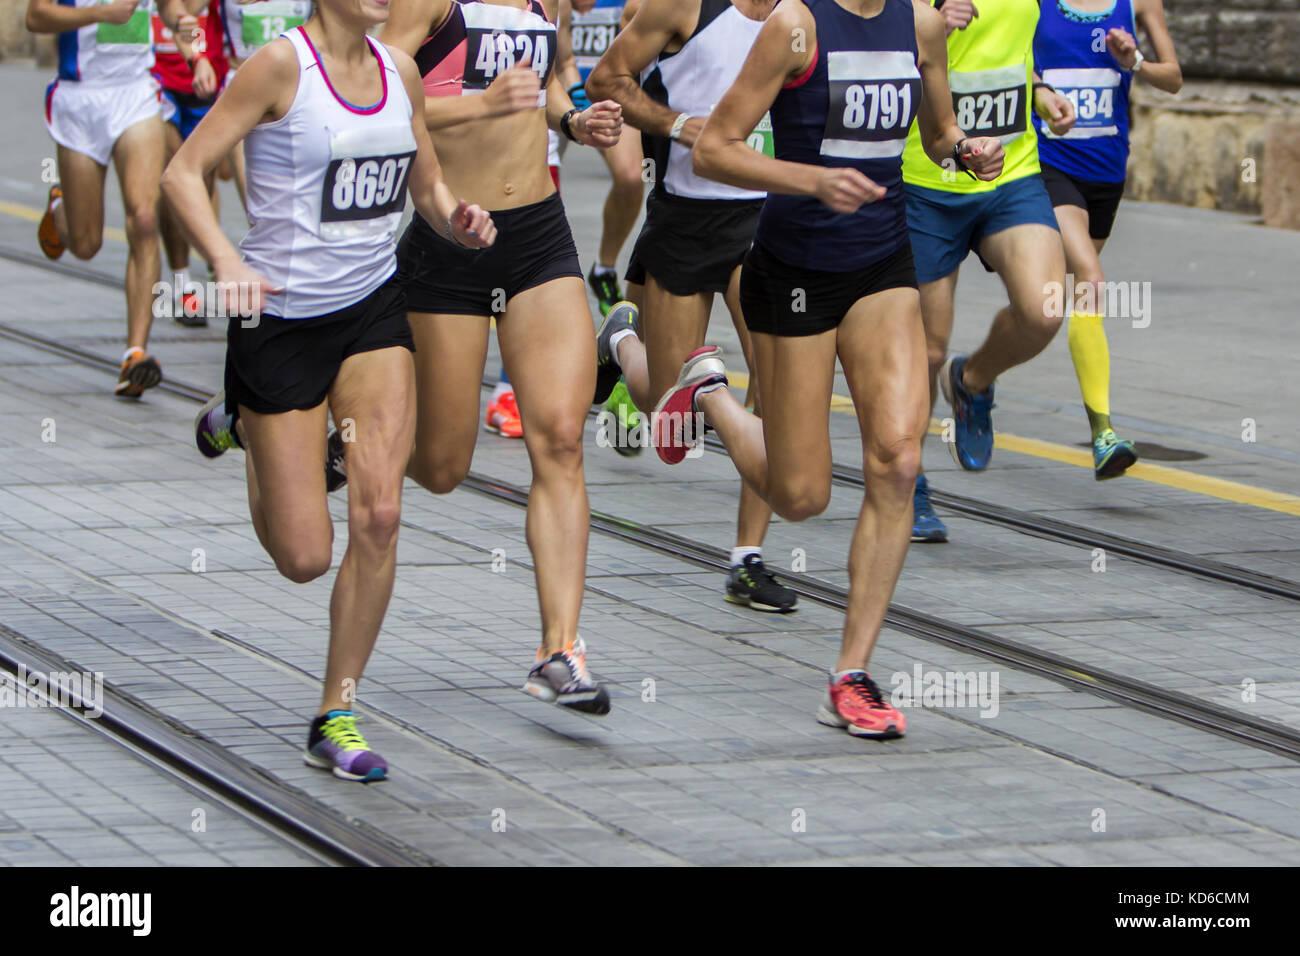 Marathon gara di corsa su strada della città Immagini Stock